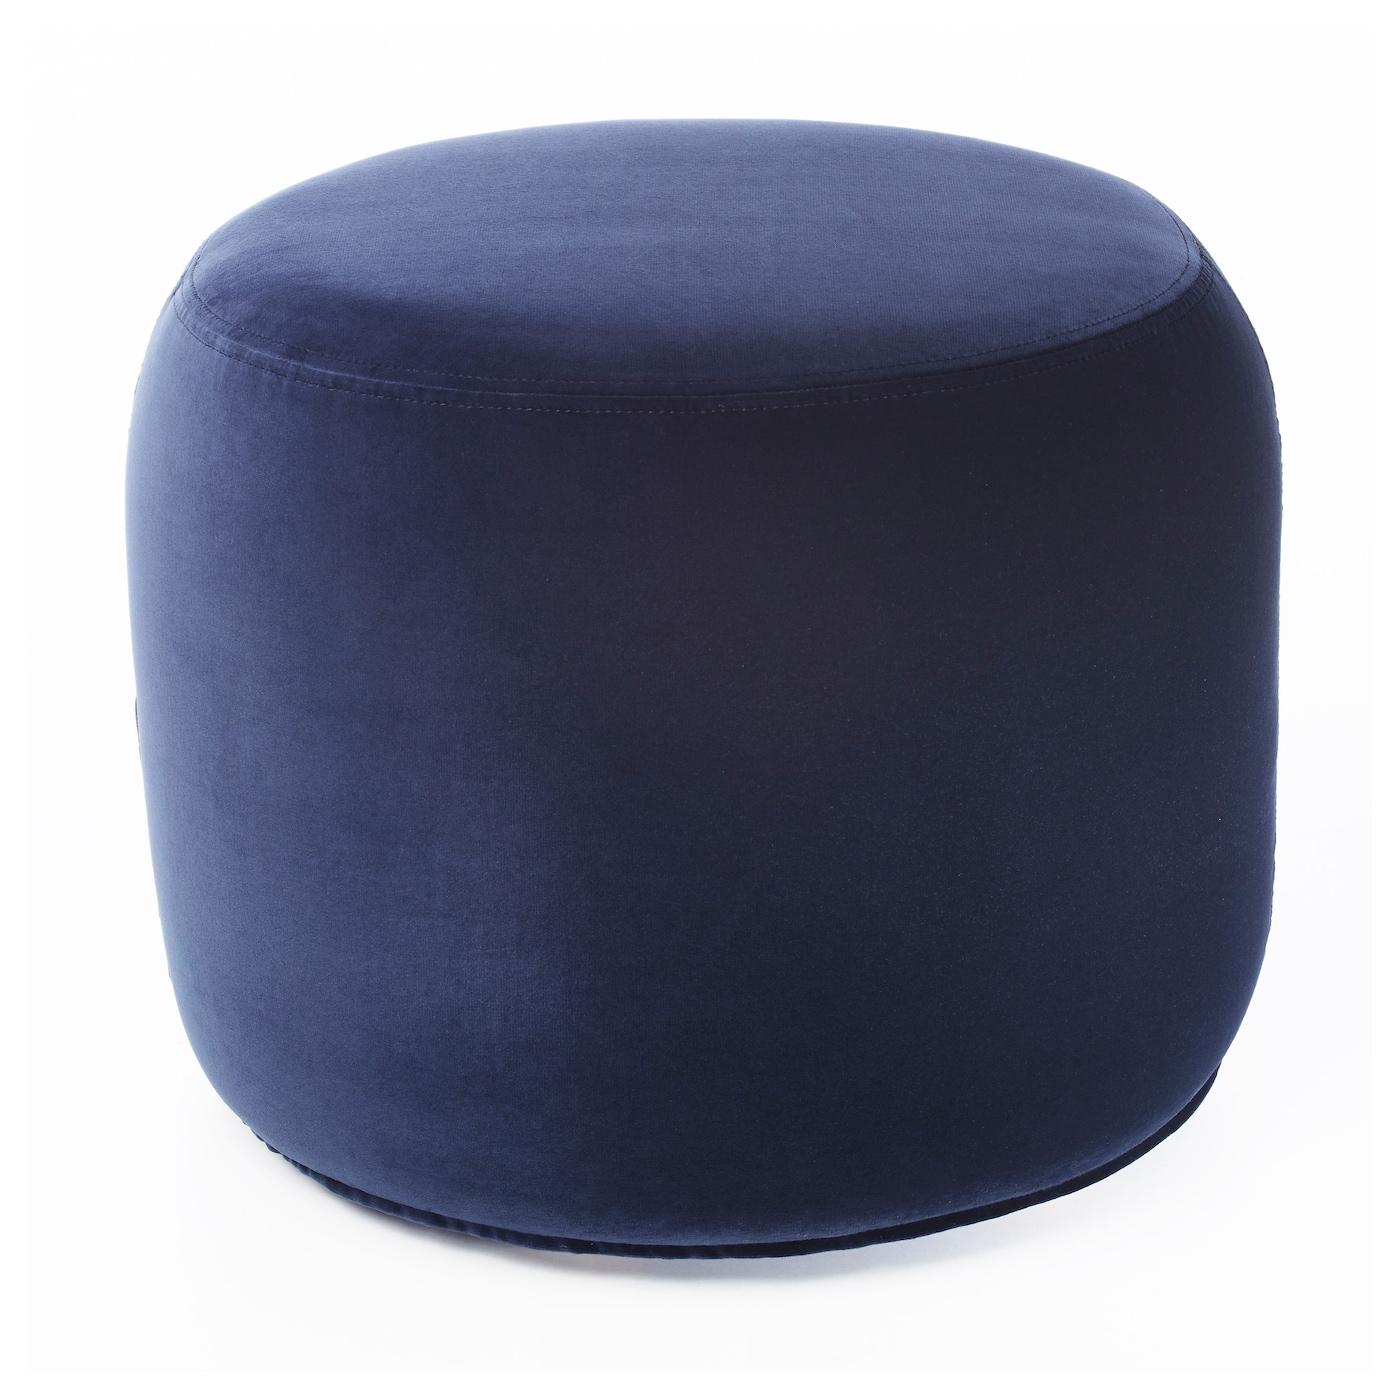 STOCKHOLM 2017 Puf Sandbacka azul oscuro 50 x 50 cm - IKEA